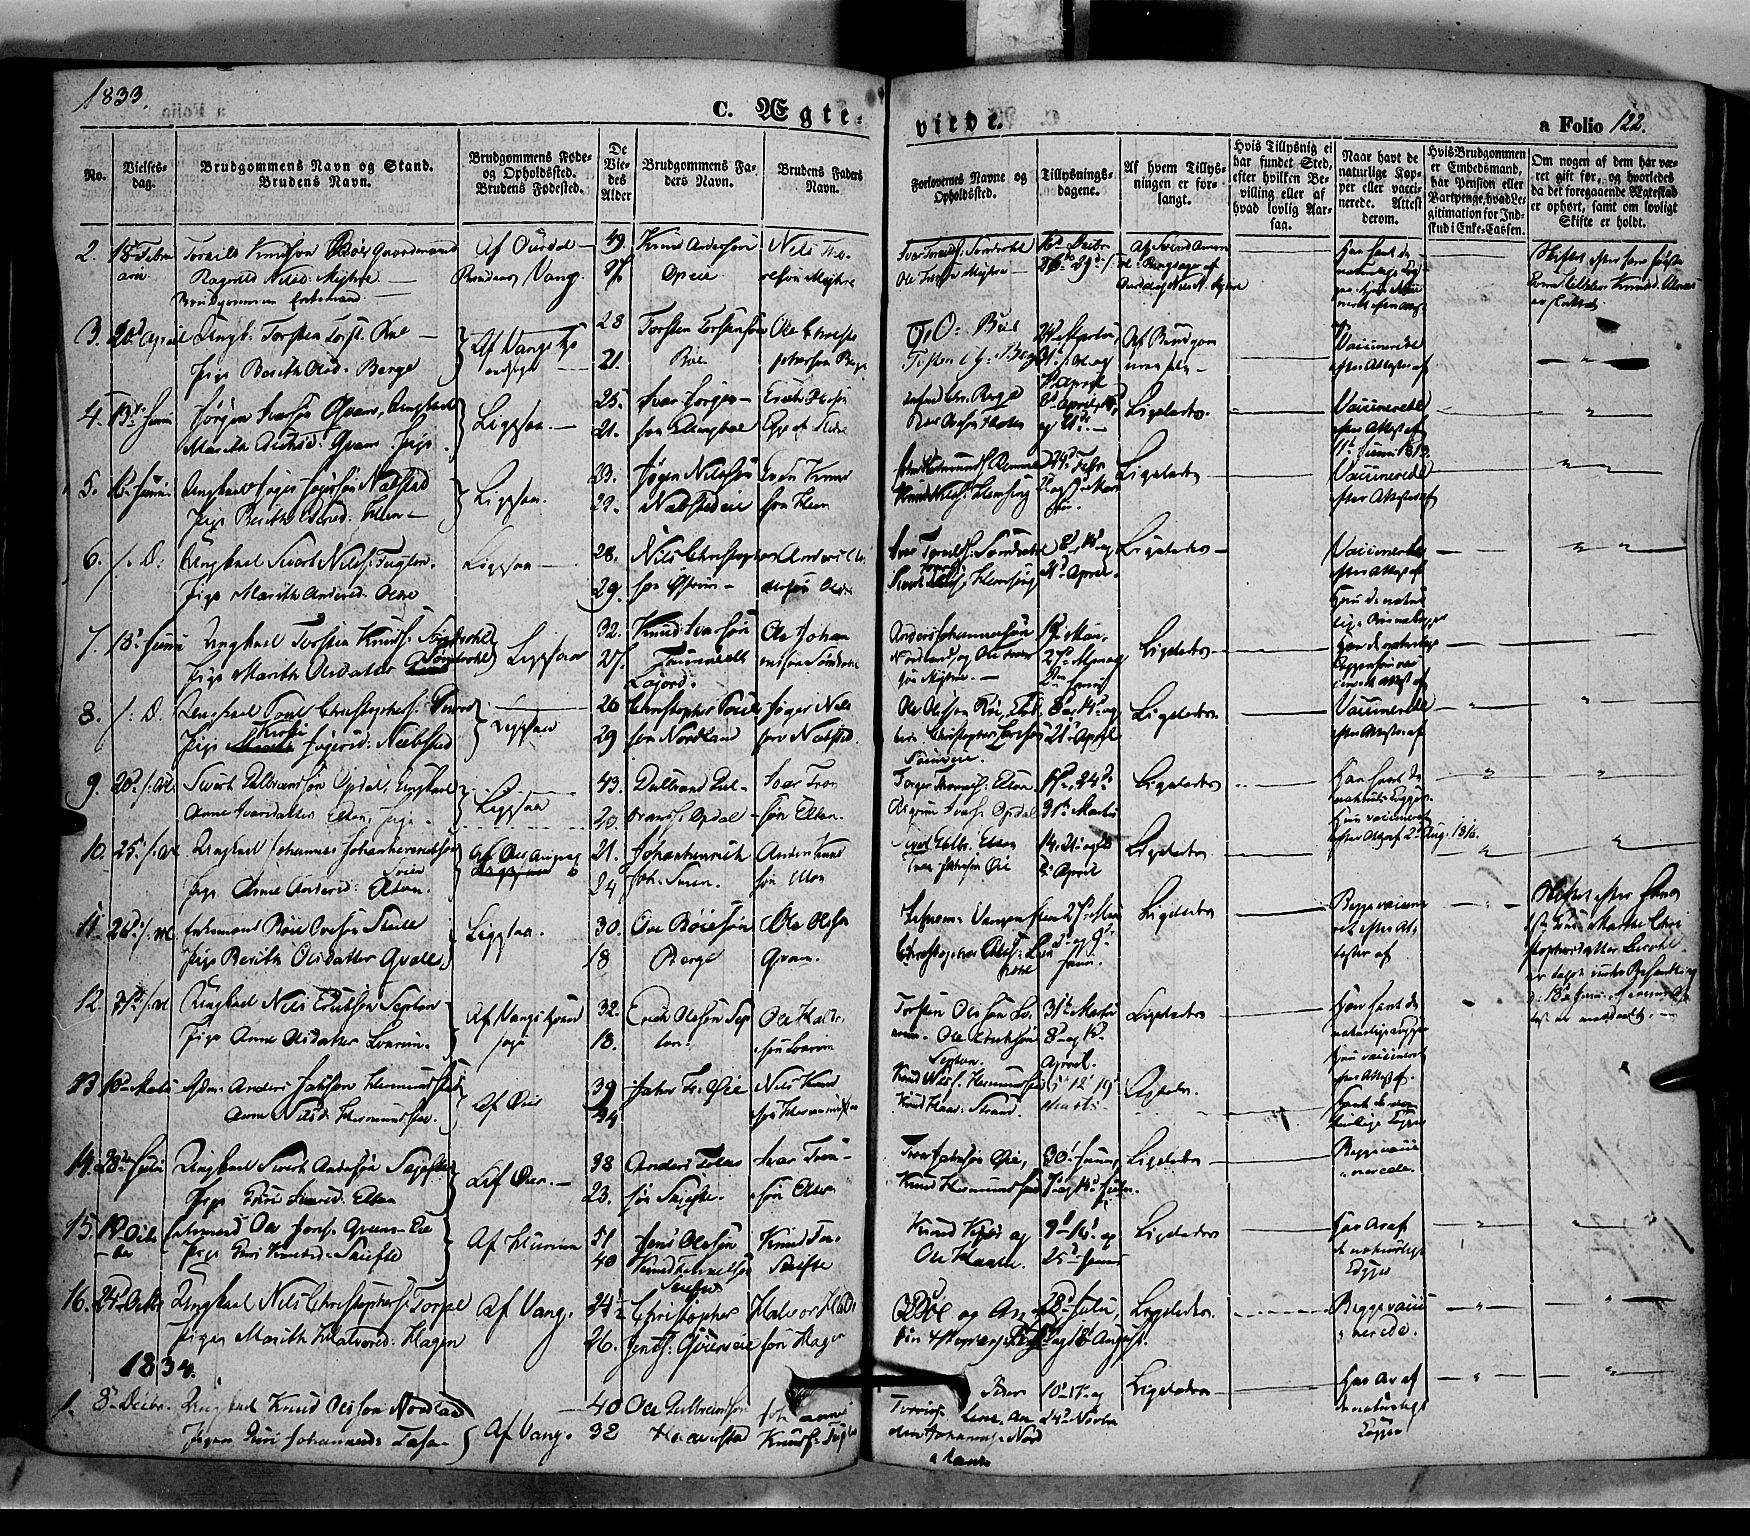 SAH, Vang prestekontor, Valdres, Ministerialbok nr. 5, 1831-1845, s. 122